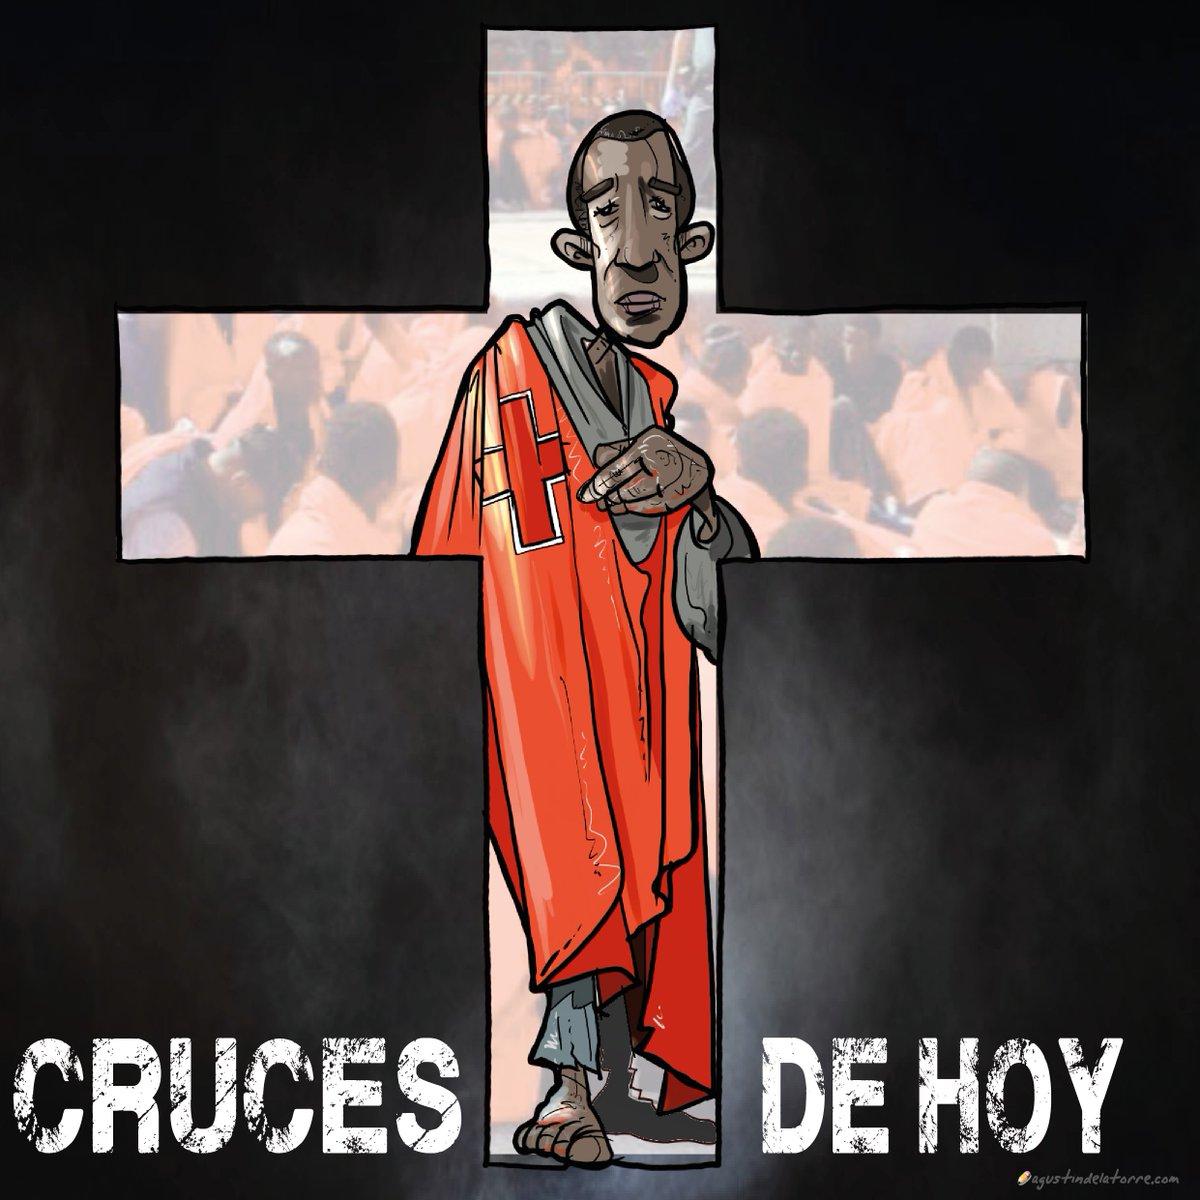 Cruces de hoy